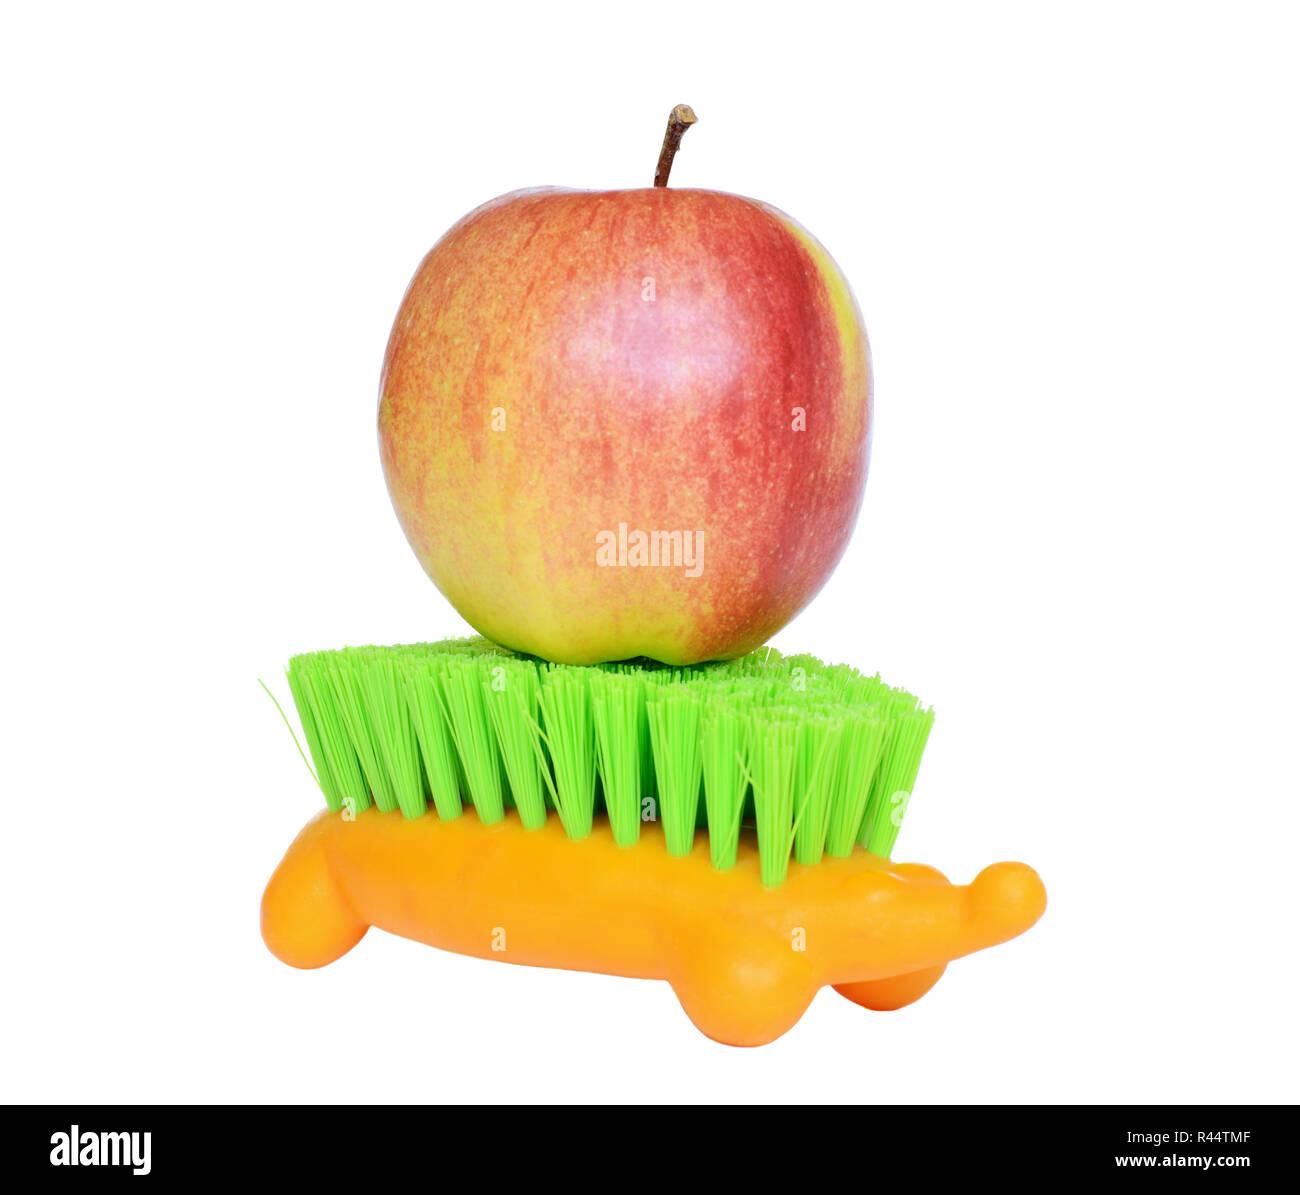 Apple on the hedgehog shaped brush isolated on white - Stock Image